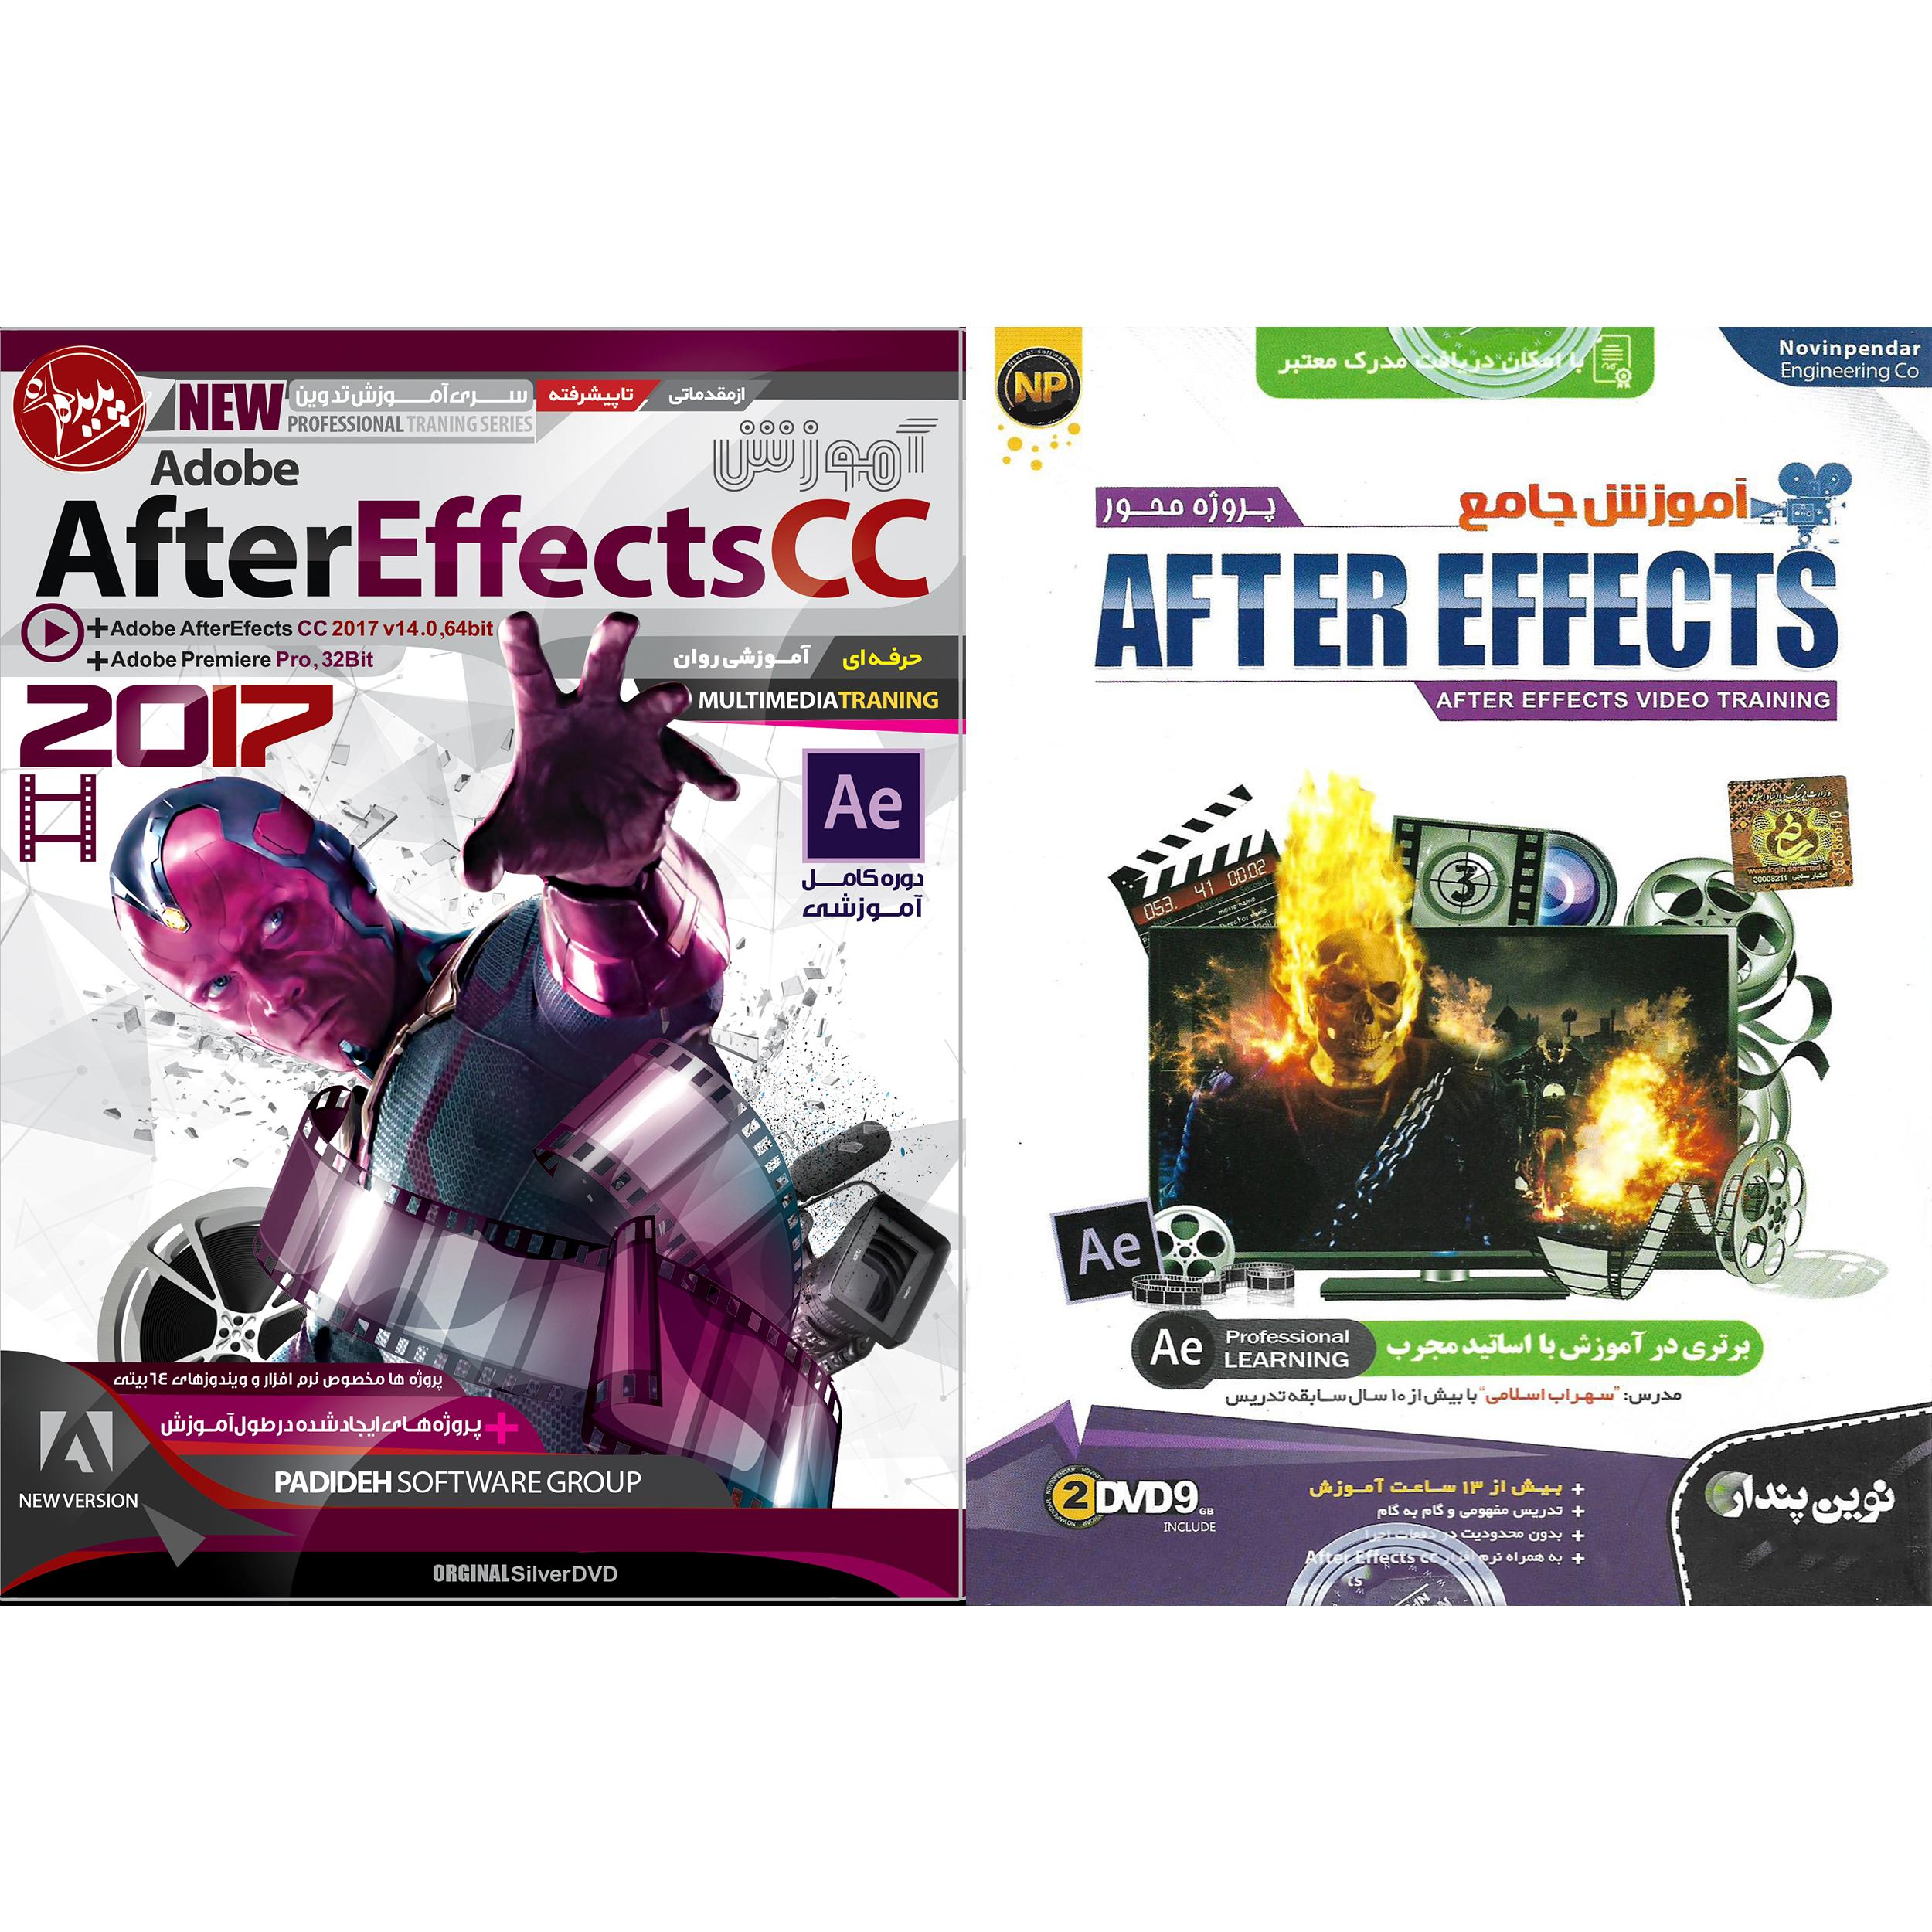 نرم افزار آموزش پروژه محور AFTER EFFECTS نشر نوین پندار به همراه نرم افزار آموزش After Effects CC نشر پدیده